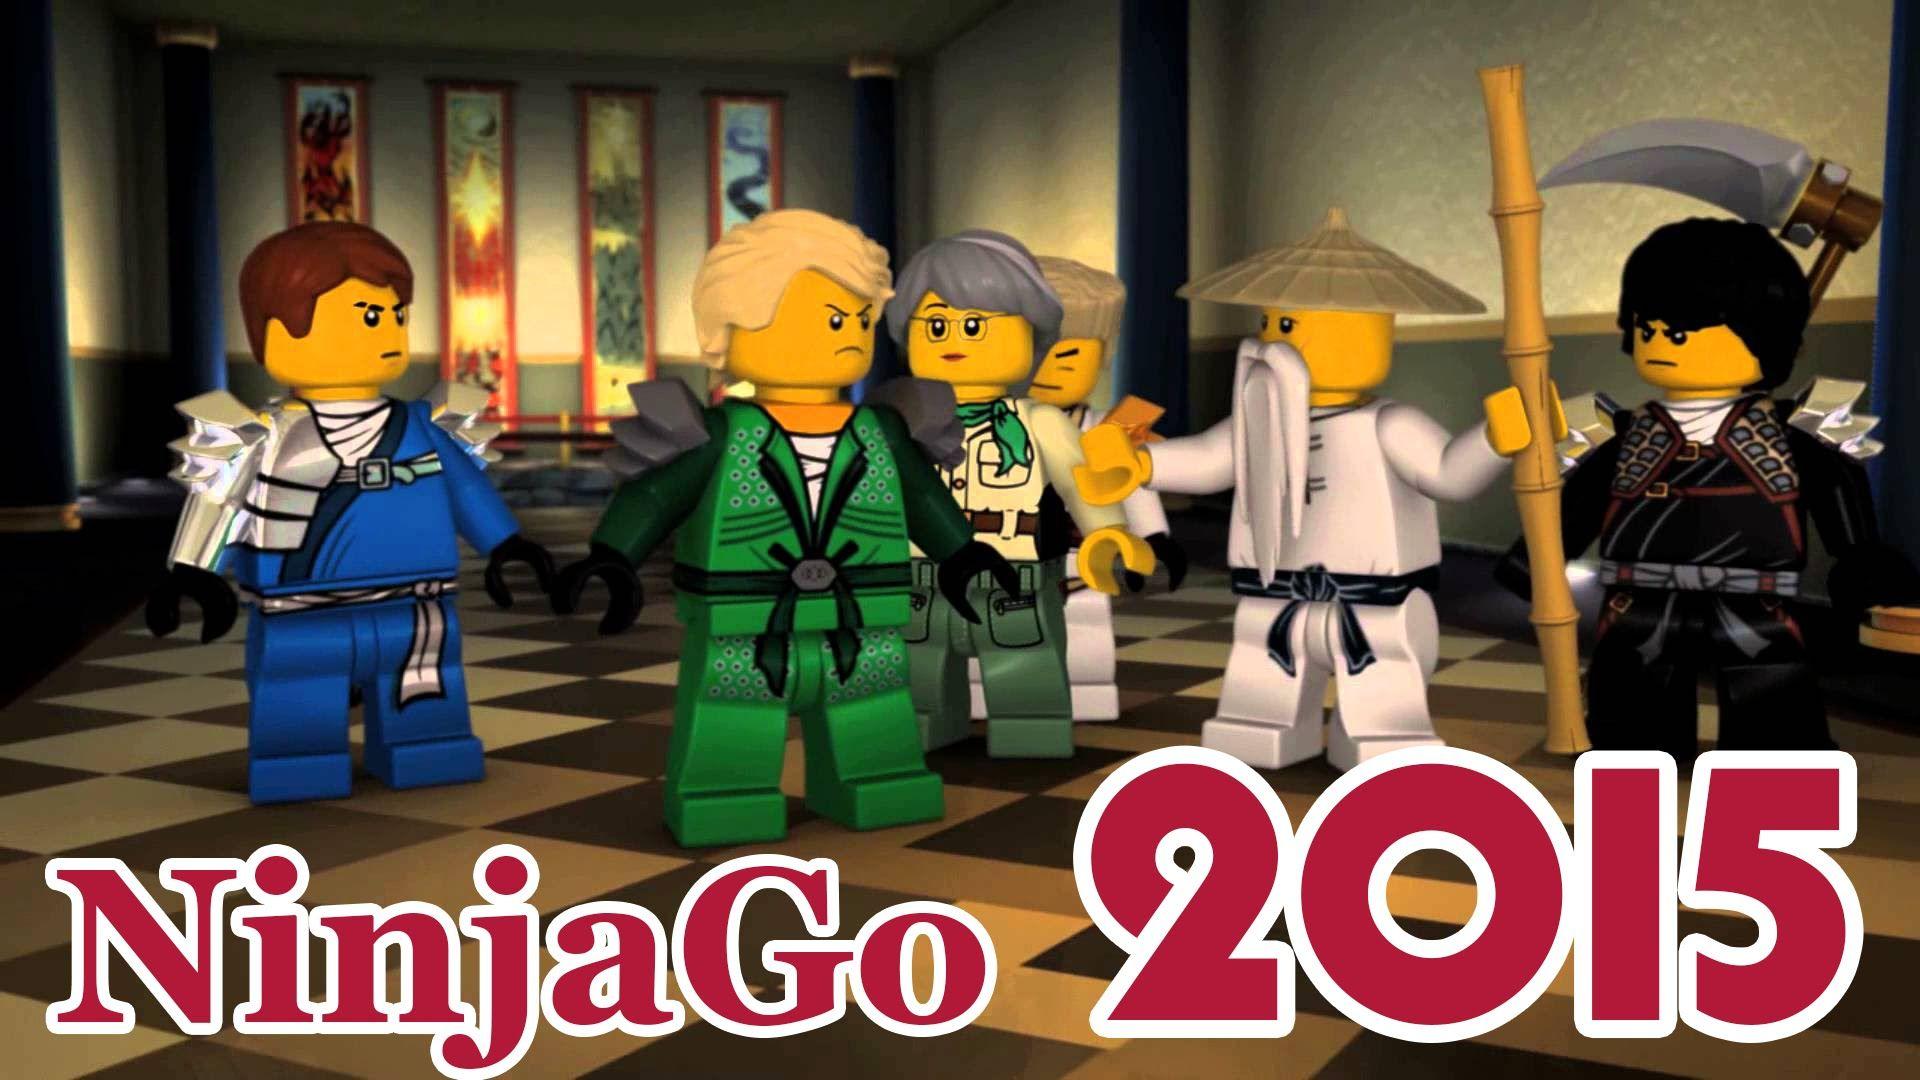 Lego ninjago 2015 movie full episodes - Lego ninjago english version ful...